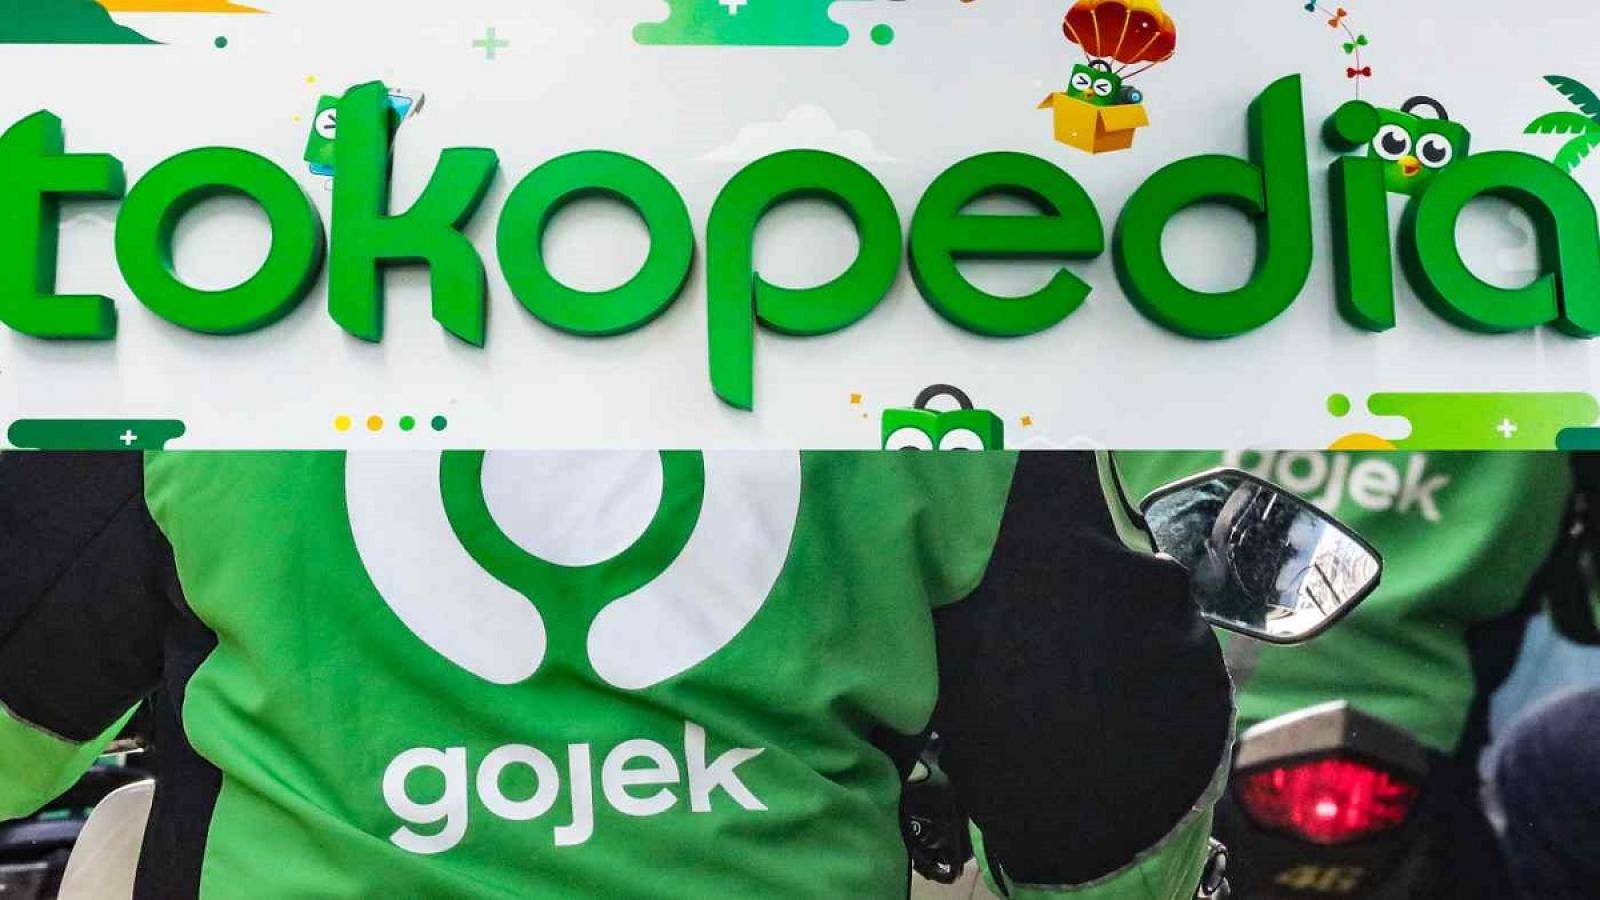 """Gojek, Tokopedia sáp nhập, Đông Nam Á có thêm """"gã khổng lồ công nghệ"""""""